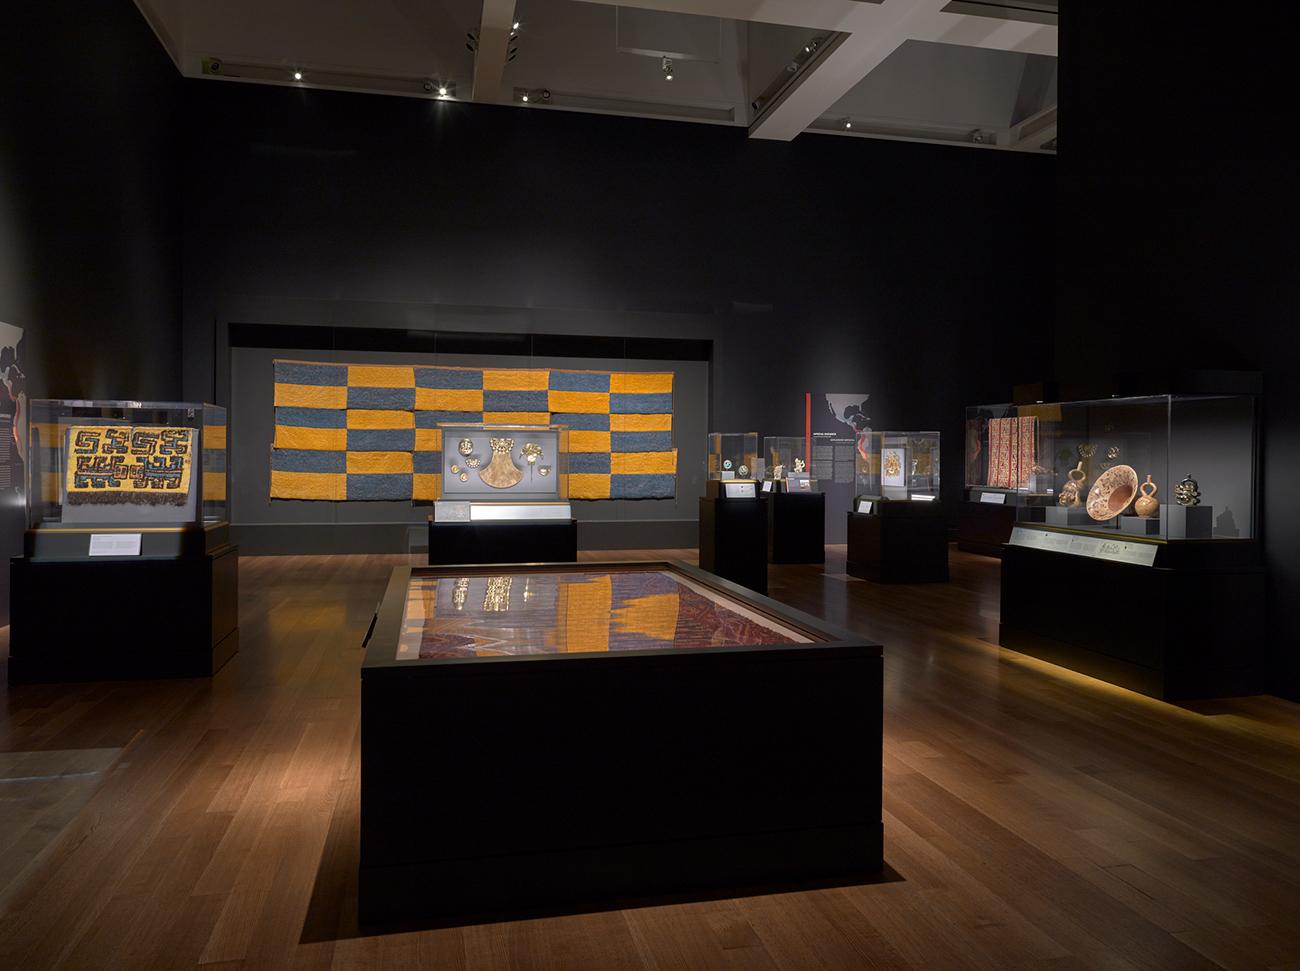 Vista de la instalación de Golden Kingdoms (Reinos del oro), mostrando paneles emplumados, objetos de oro y cerámica.